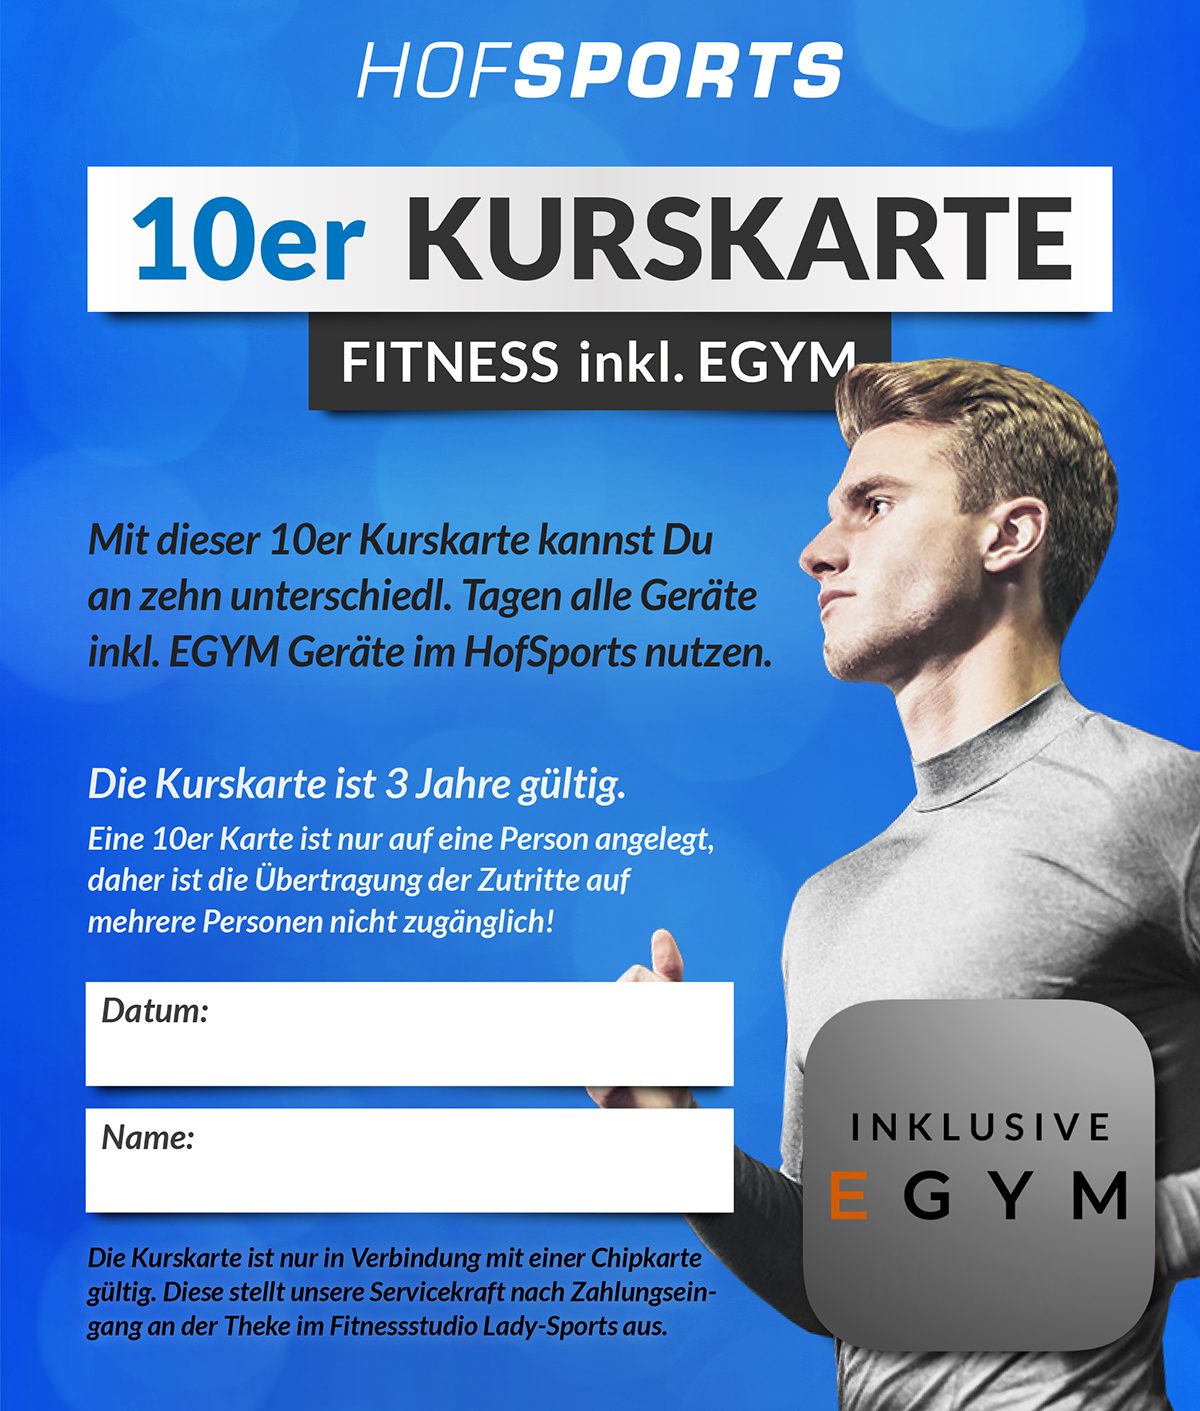 HofSports-10er-Kurskarte-Fitness-Training+egym